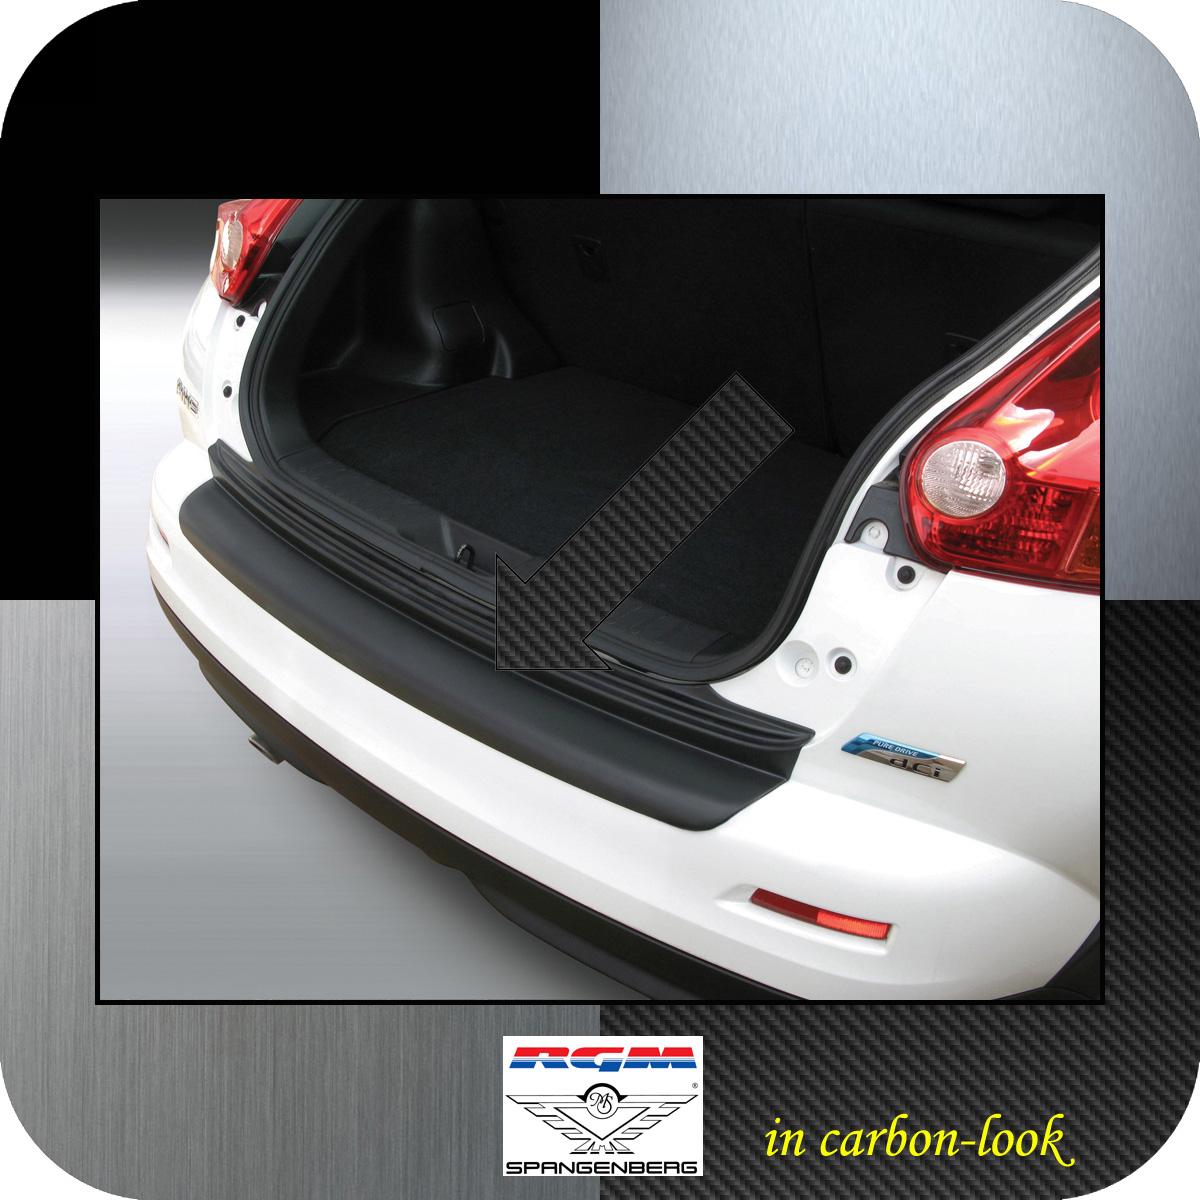 Ladekantenschutz Carbon-Look Nissan Juke SUV Kombi vor facelift 2010-14 3509581